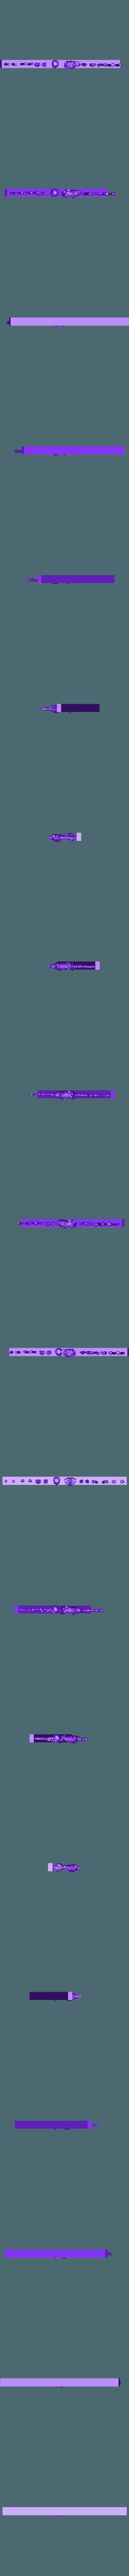 customizable_skeleton.stl Télécharger fichier STL gratuit Squelette miniature entièrement personnalisable • Modèle imprimable en 3D, Ilhadiel